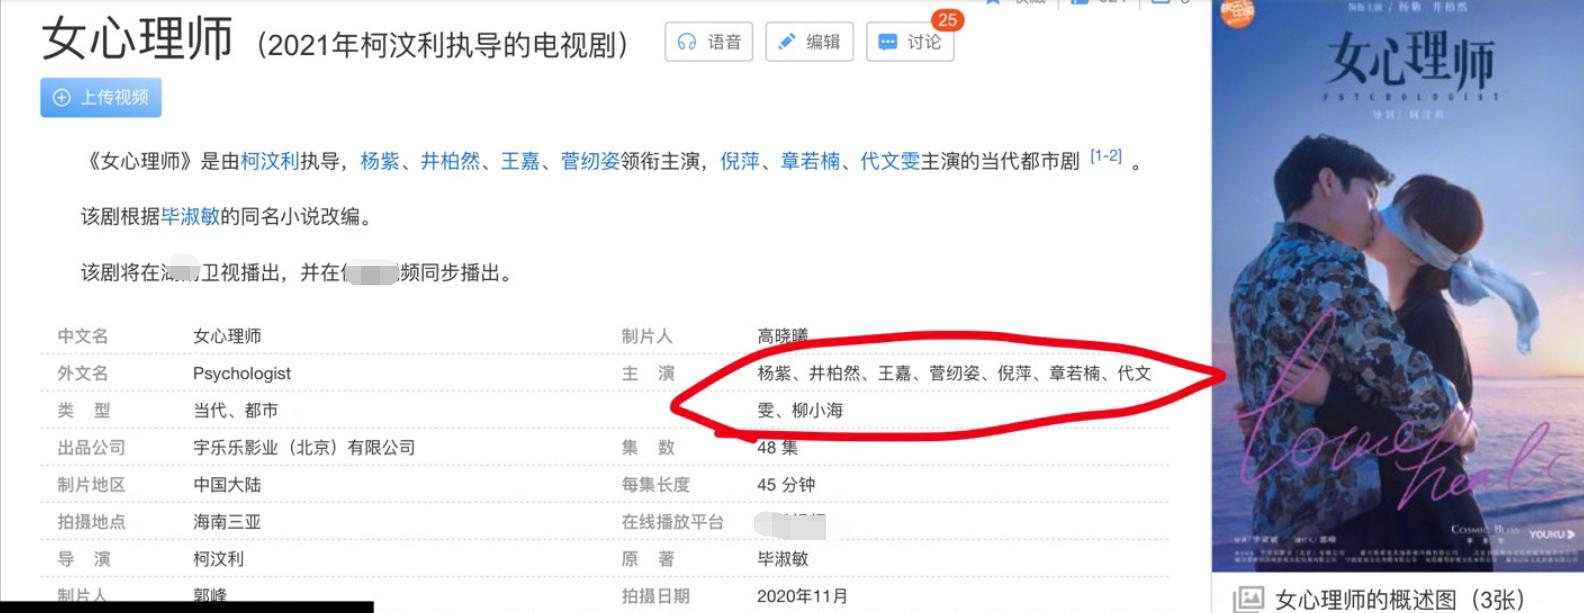 """张钧甯戏份疑被删除,被扒曾将台湾称为""""我国"""",杨紫惨遭牵连"""